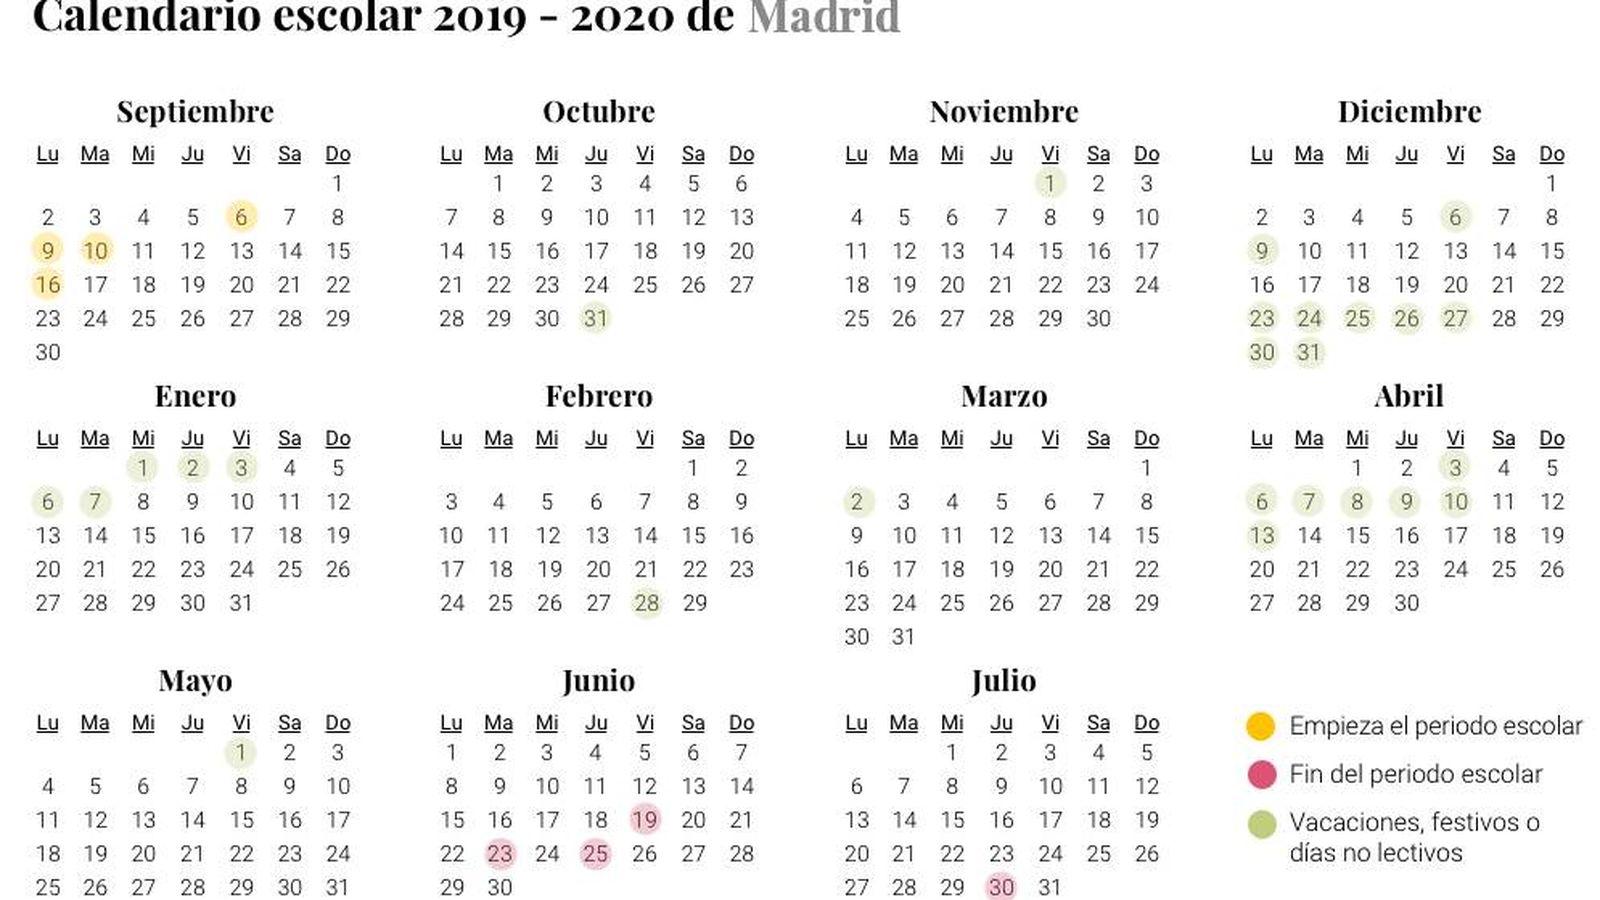 Calendario Laboral Madrid 2020 Excel.Calendario Escolar 2019 2020 Cuando Es La Vuelta Al Cole